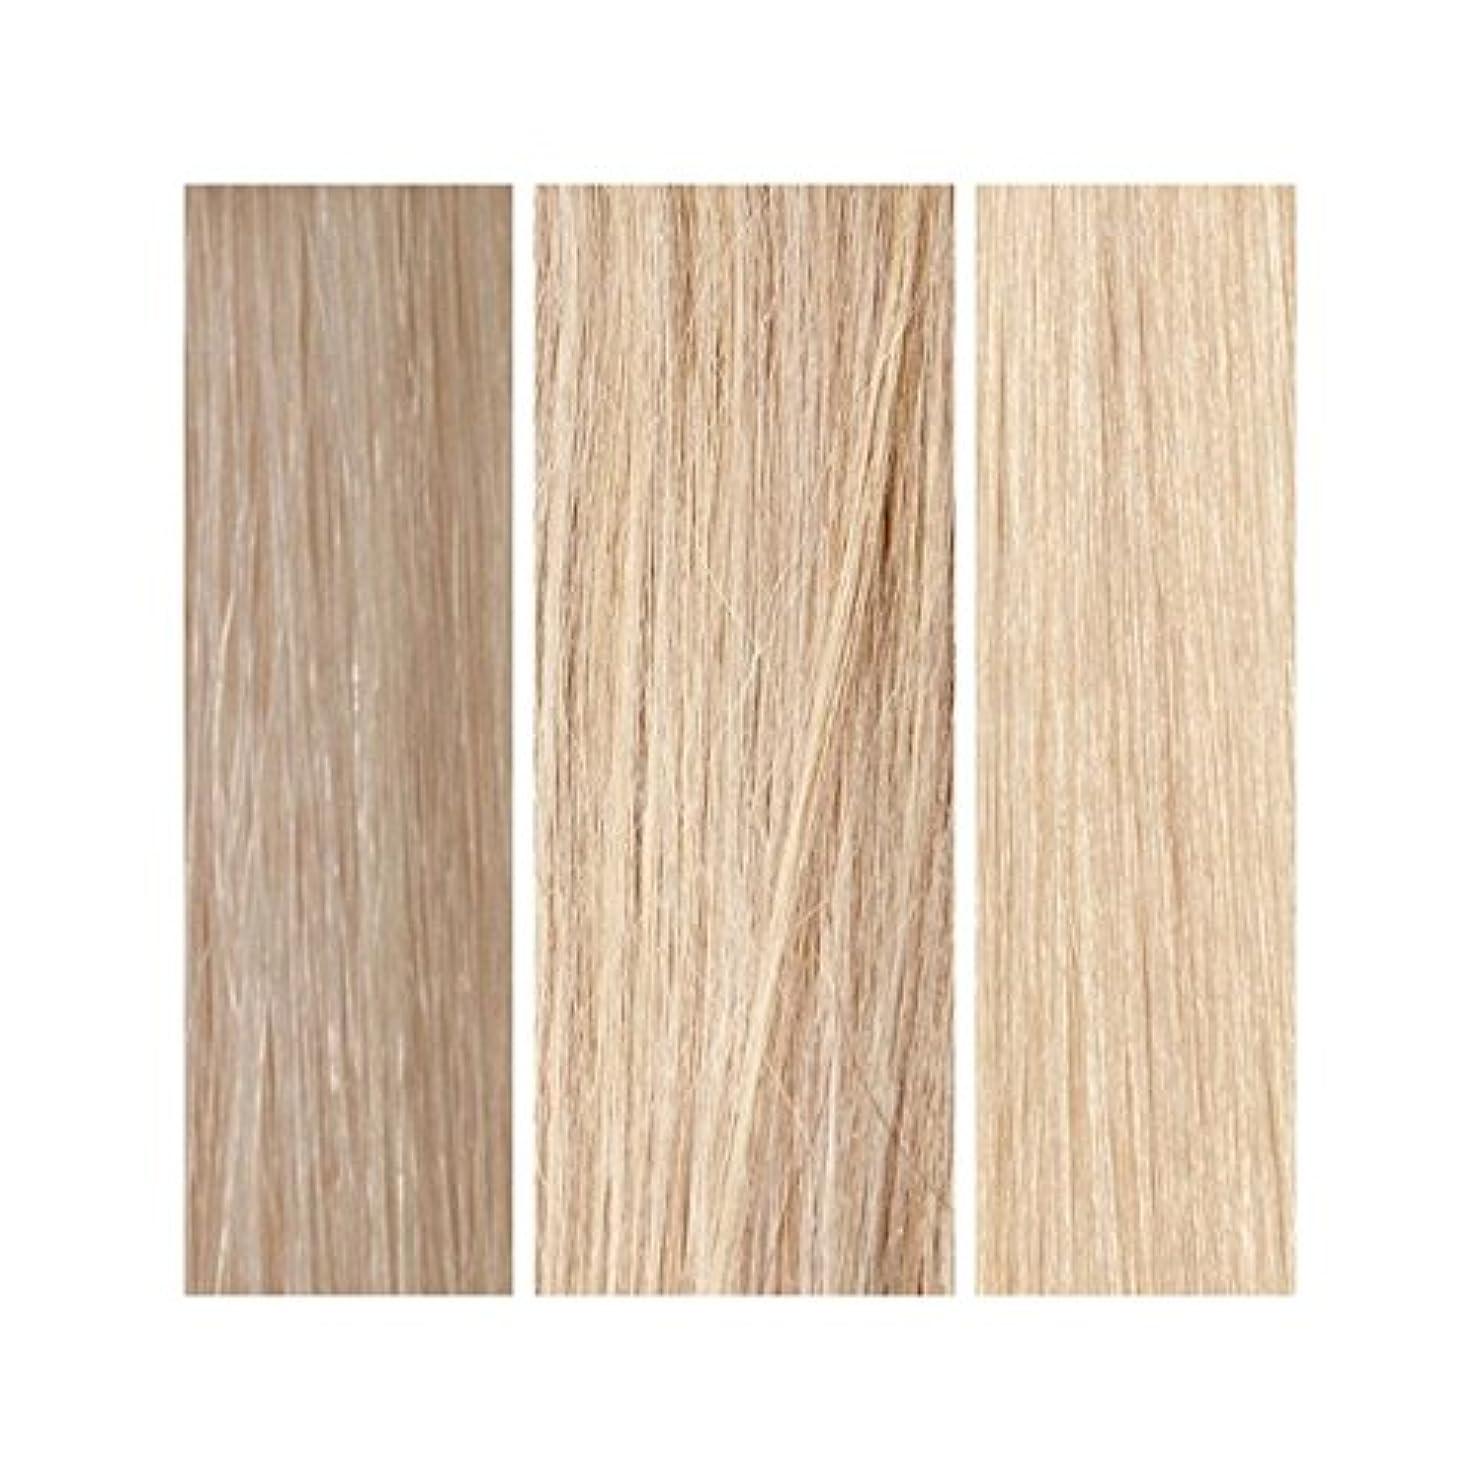 甲虫エアコンドールBeauty Works 100% Remy Colour Swatch - Light Blonde Bundle - ライトブロンドバンドル - 美しさは、100%レミーの色見本を働きます [並行輸入品]